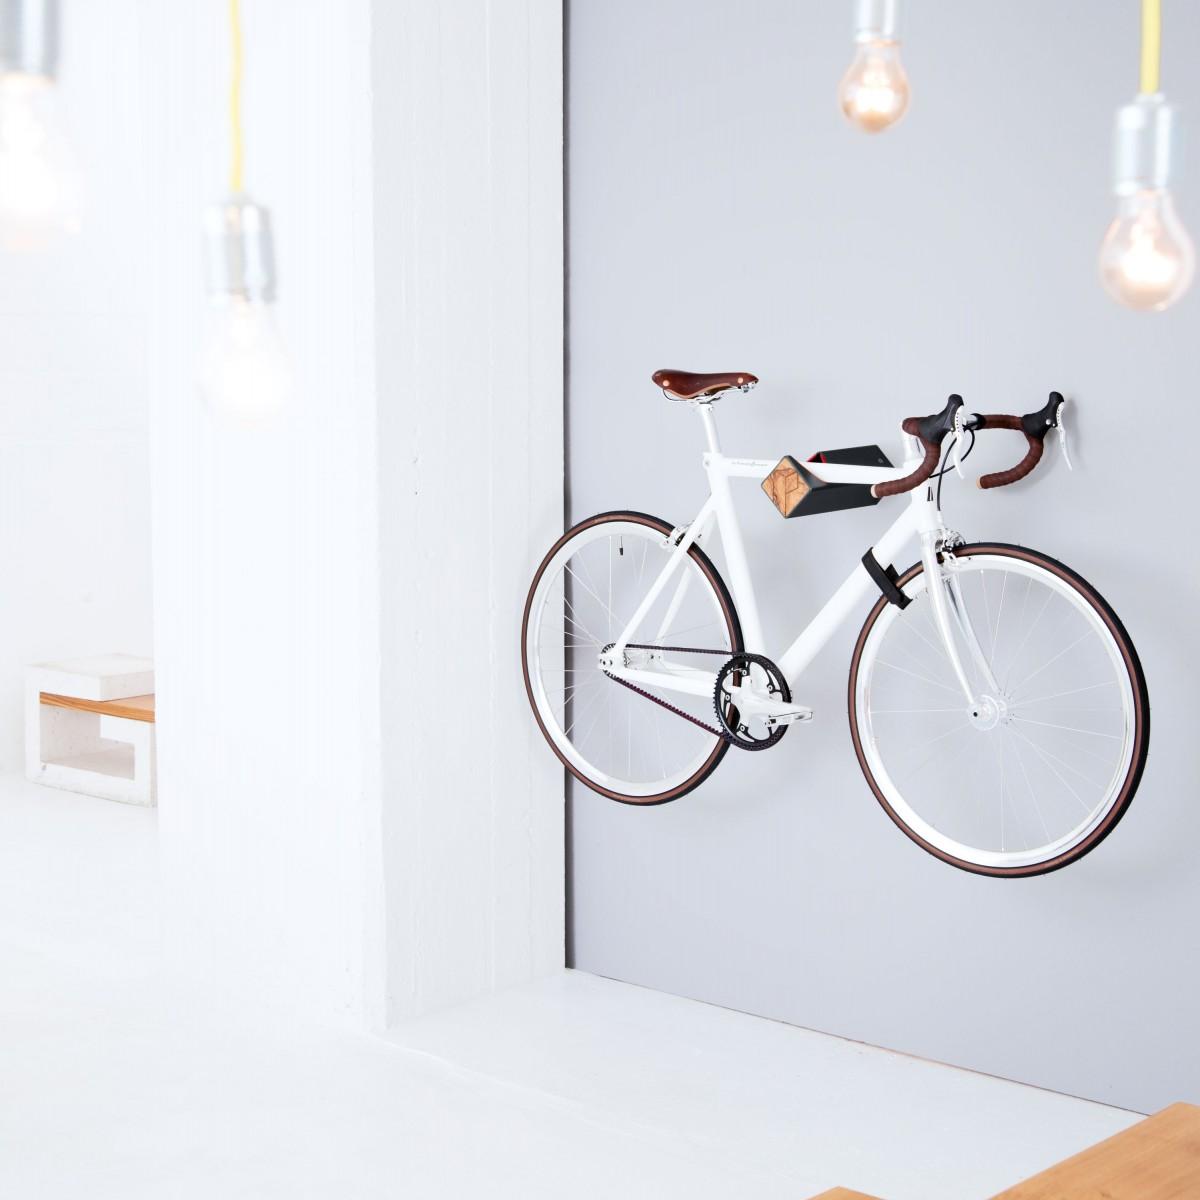 Stilvolle Design Fahrrad Wandhalterung   PARAX® D-RACK   für Rennrad, Hardtail, Cityrad & Tourenrad   Schwarz-Rot mit Oliven Holz